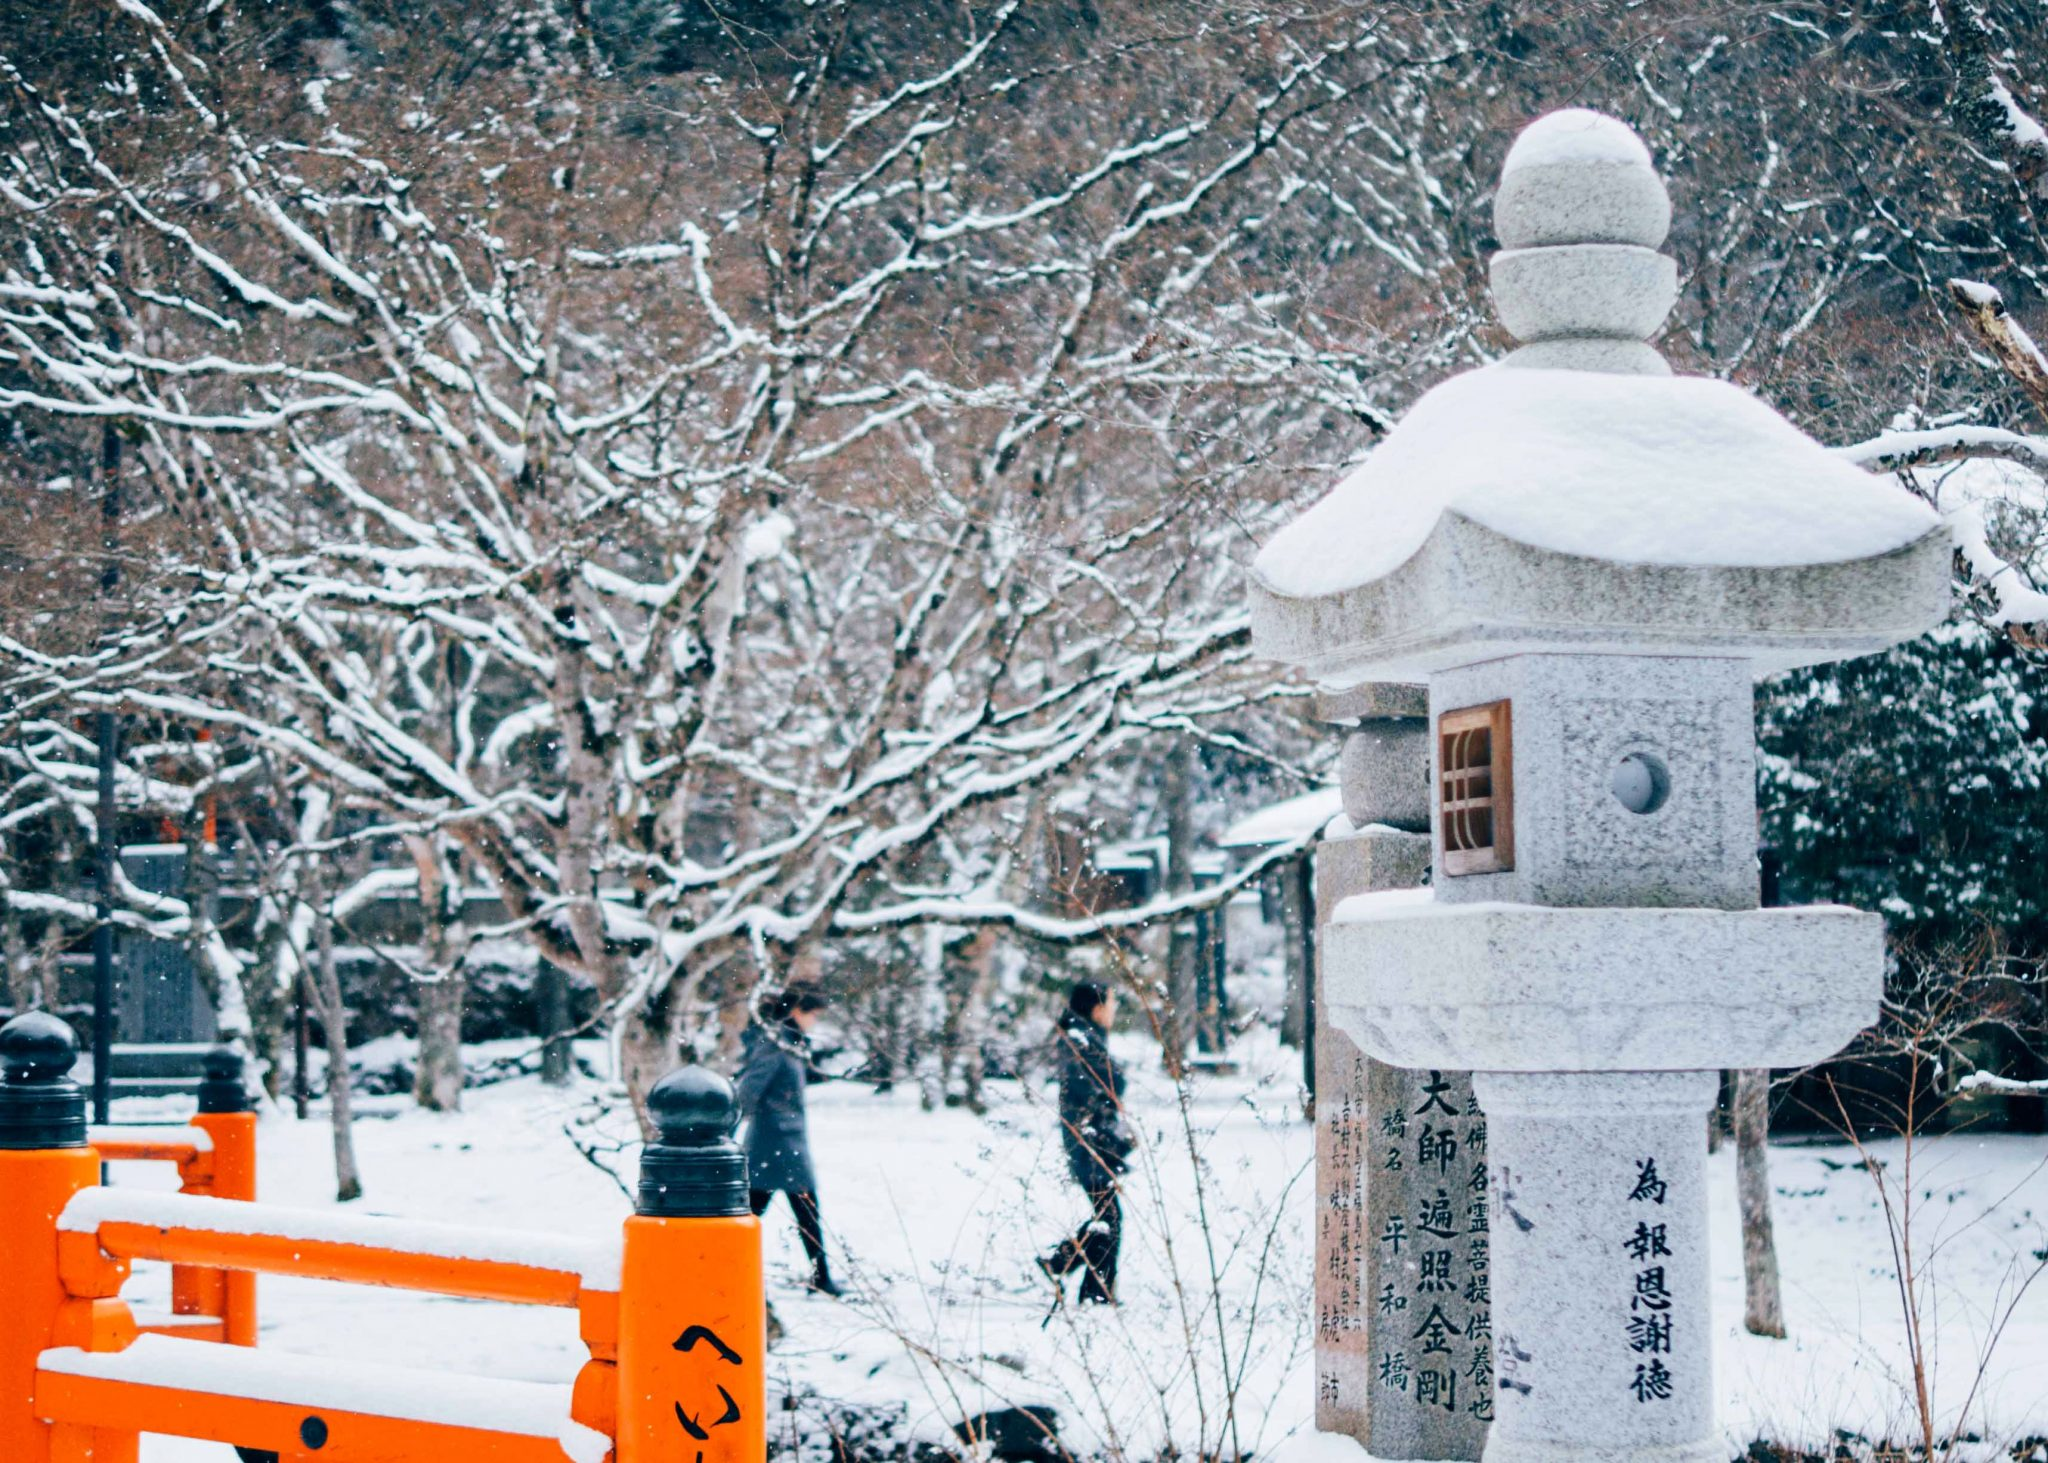 temppelin lyhty talvella Japanissa, lunta puita ja ihmisiä kävelemässä